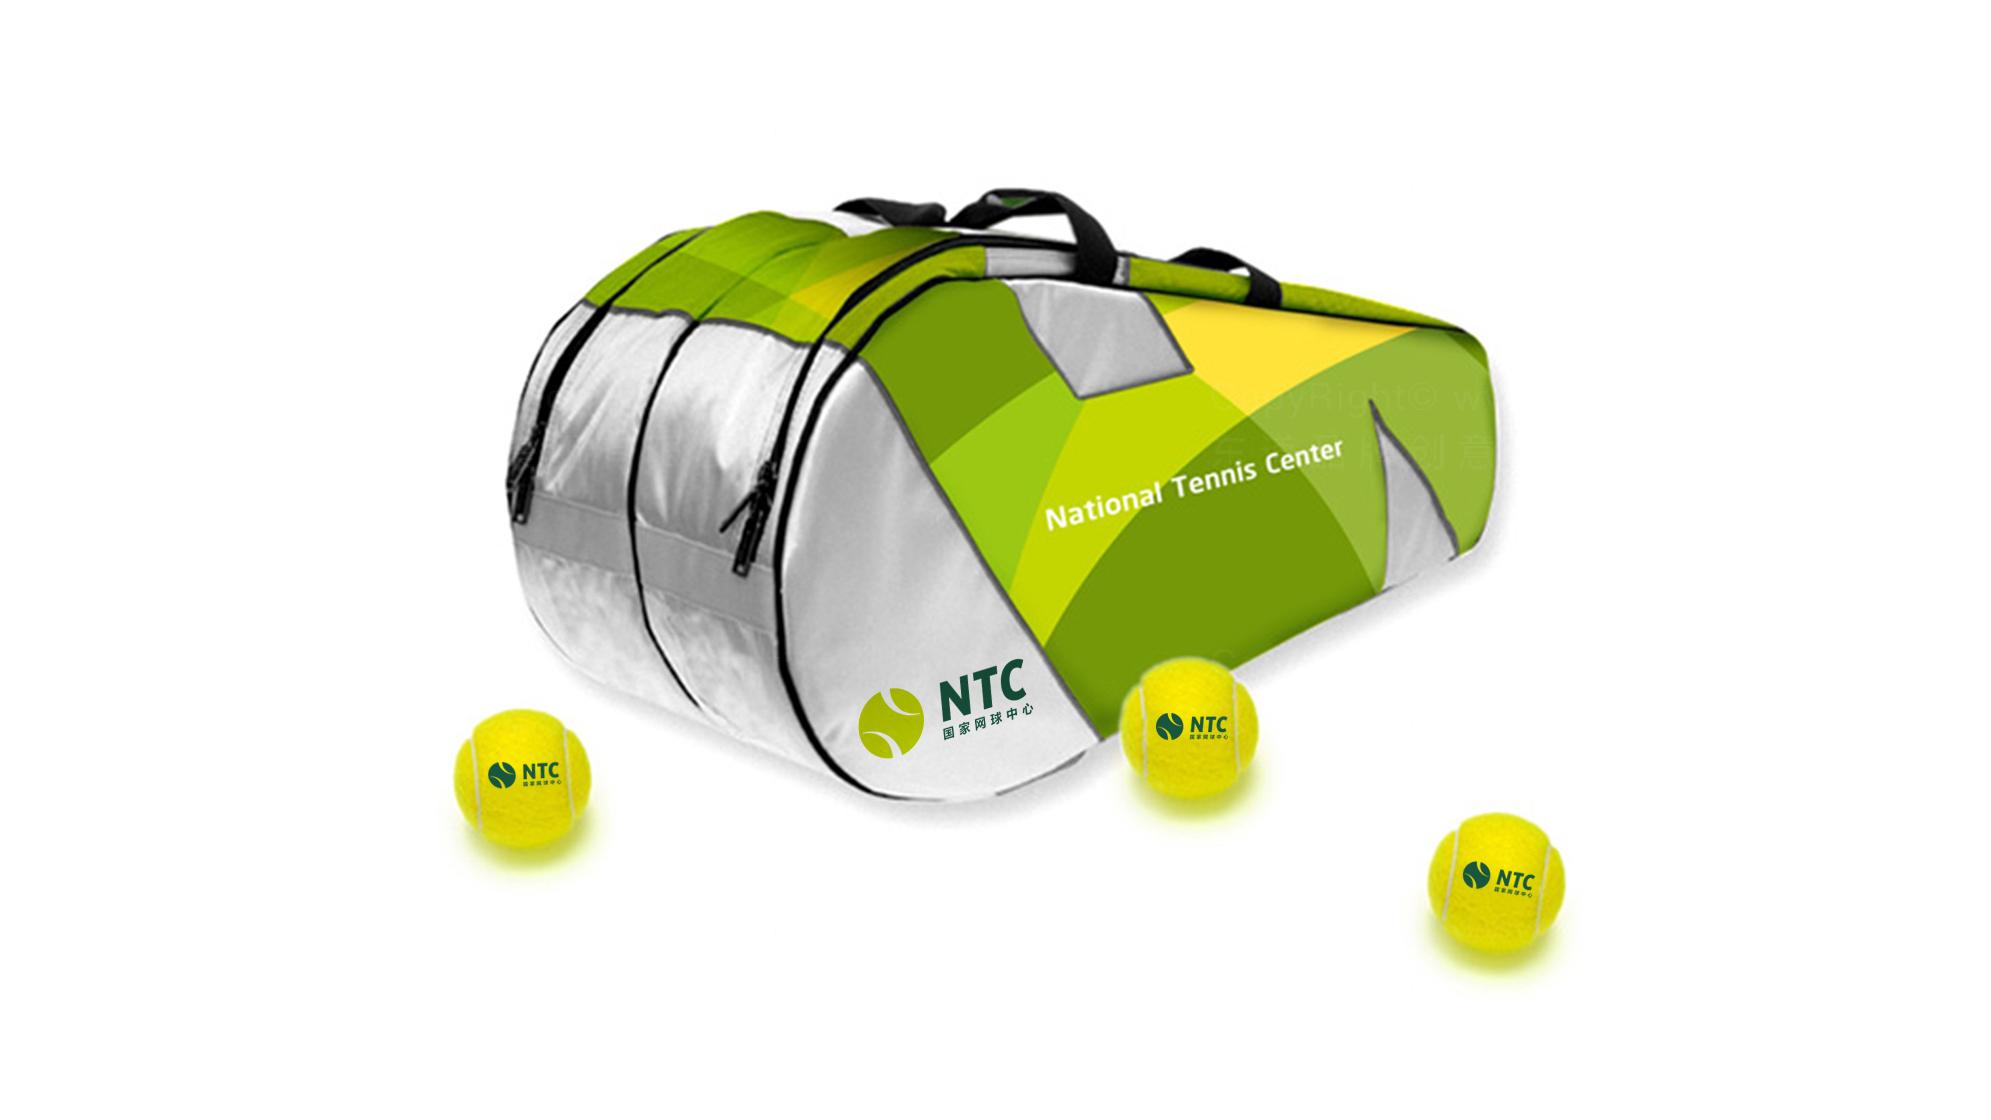 品牌设计国家网球中心标志设计应用场景_4